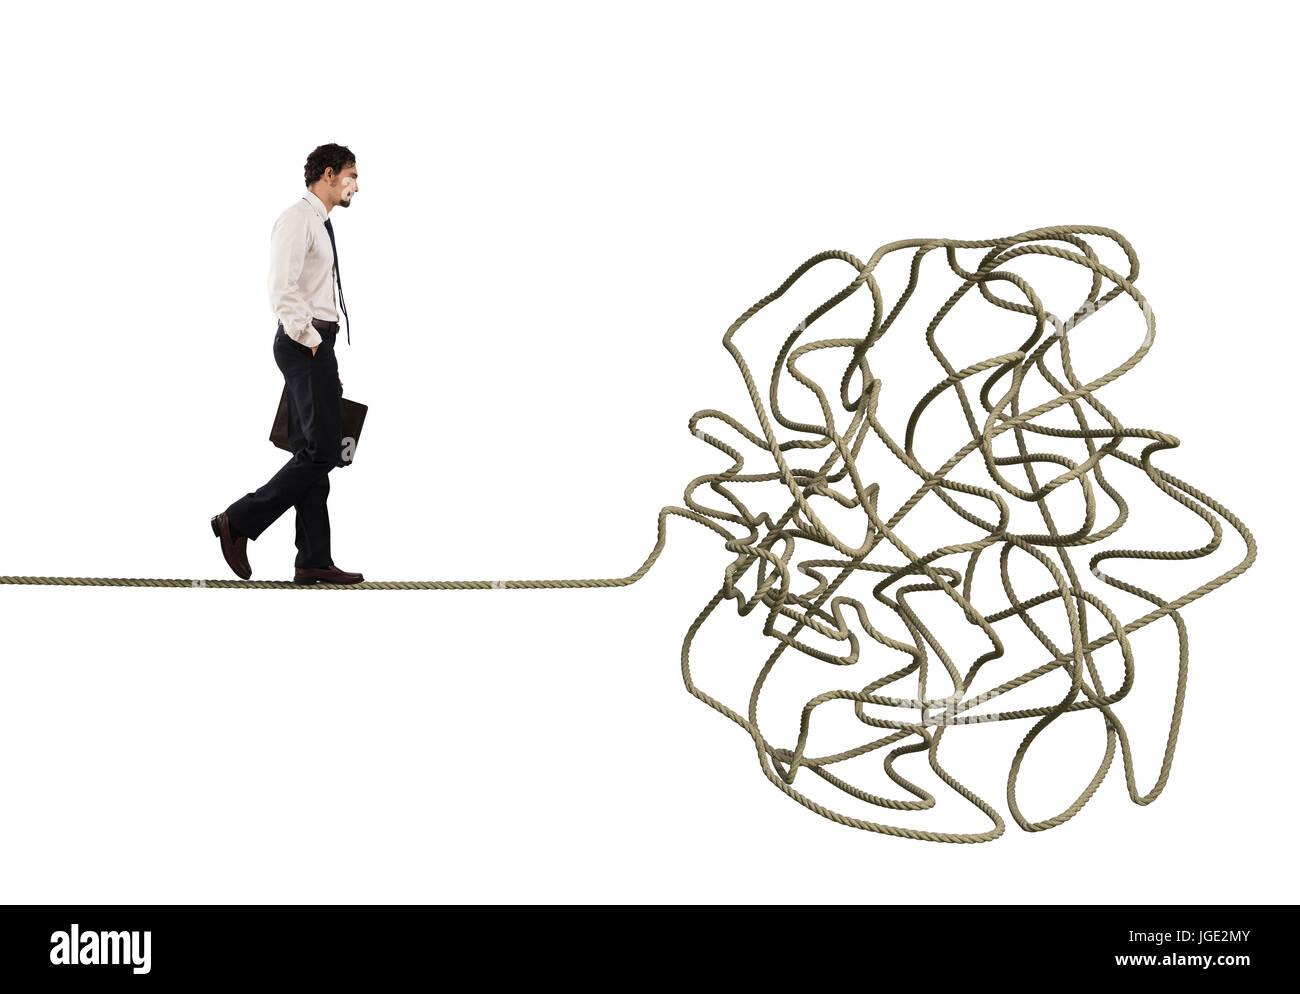 Problème et difficulté concept avec corde emmêlées Photo Stock